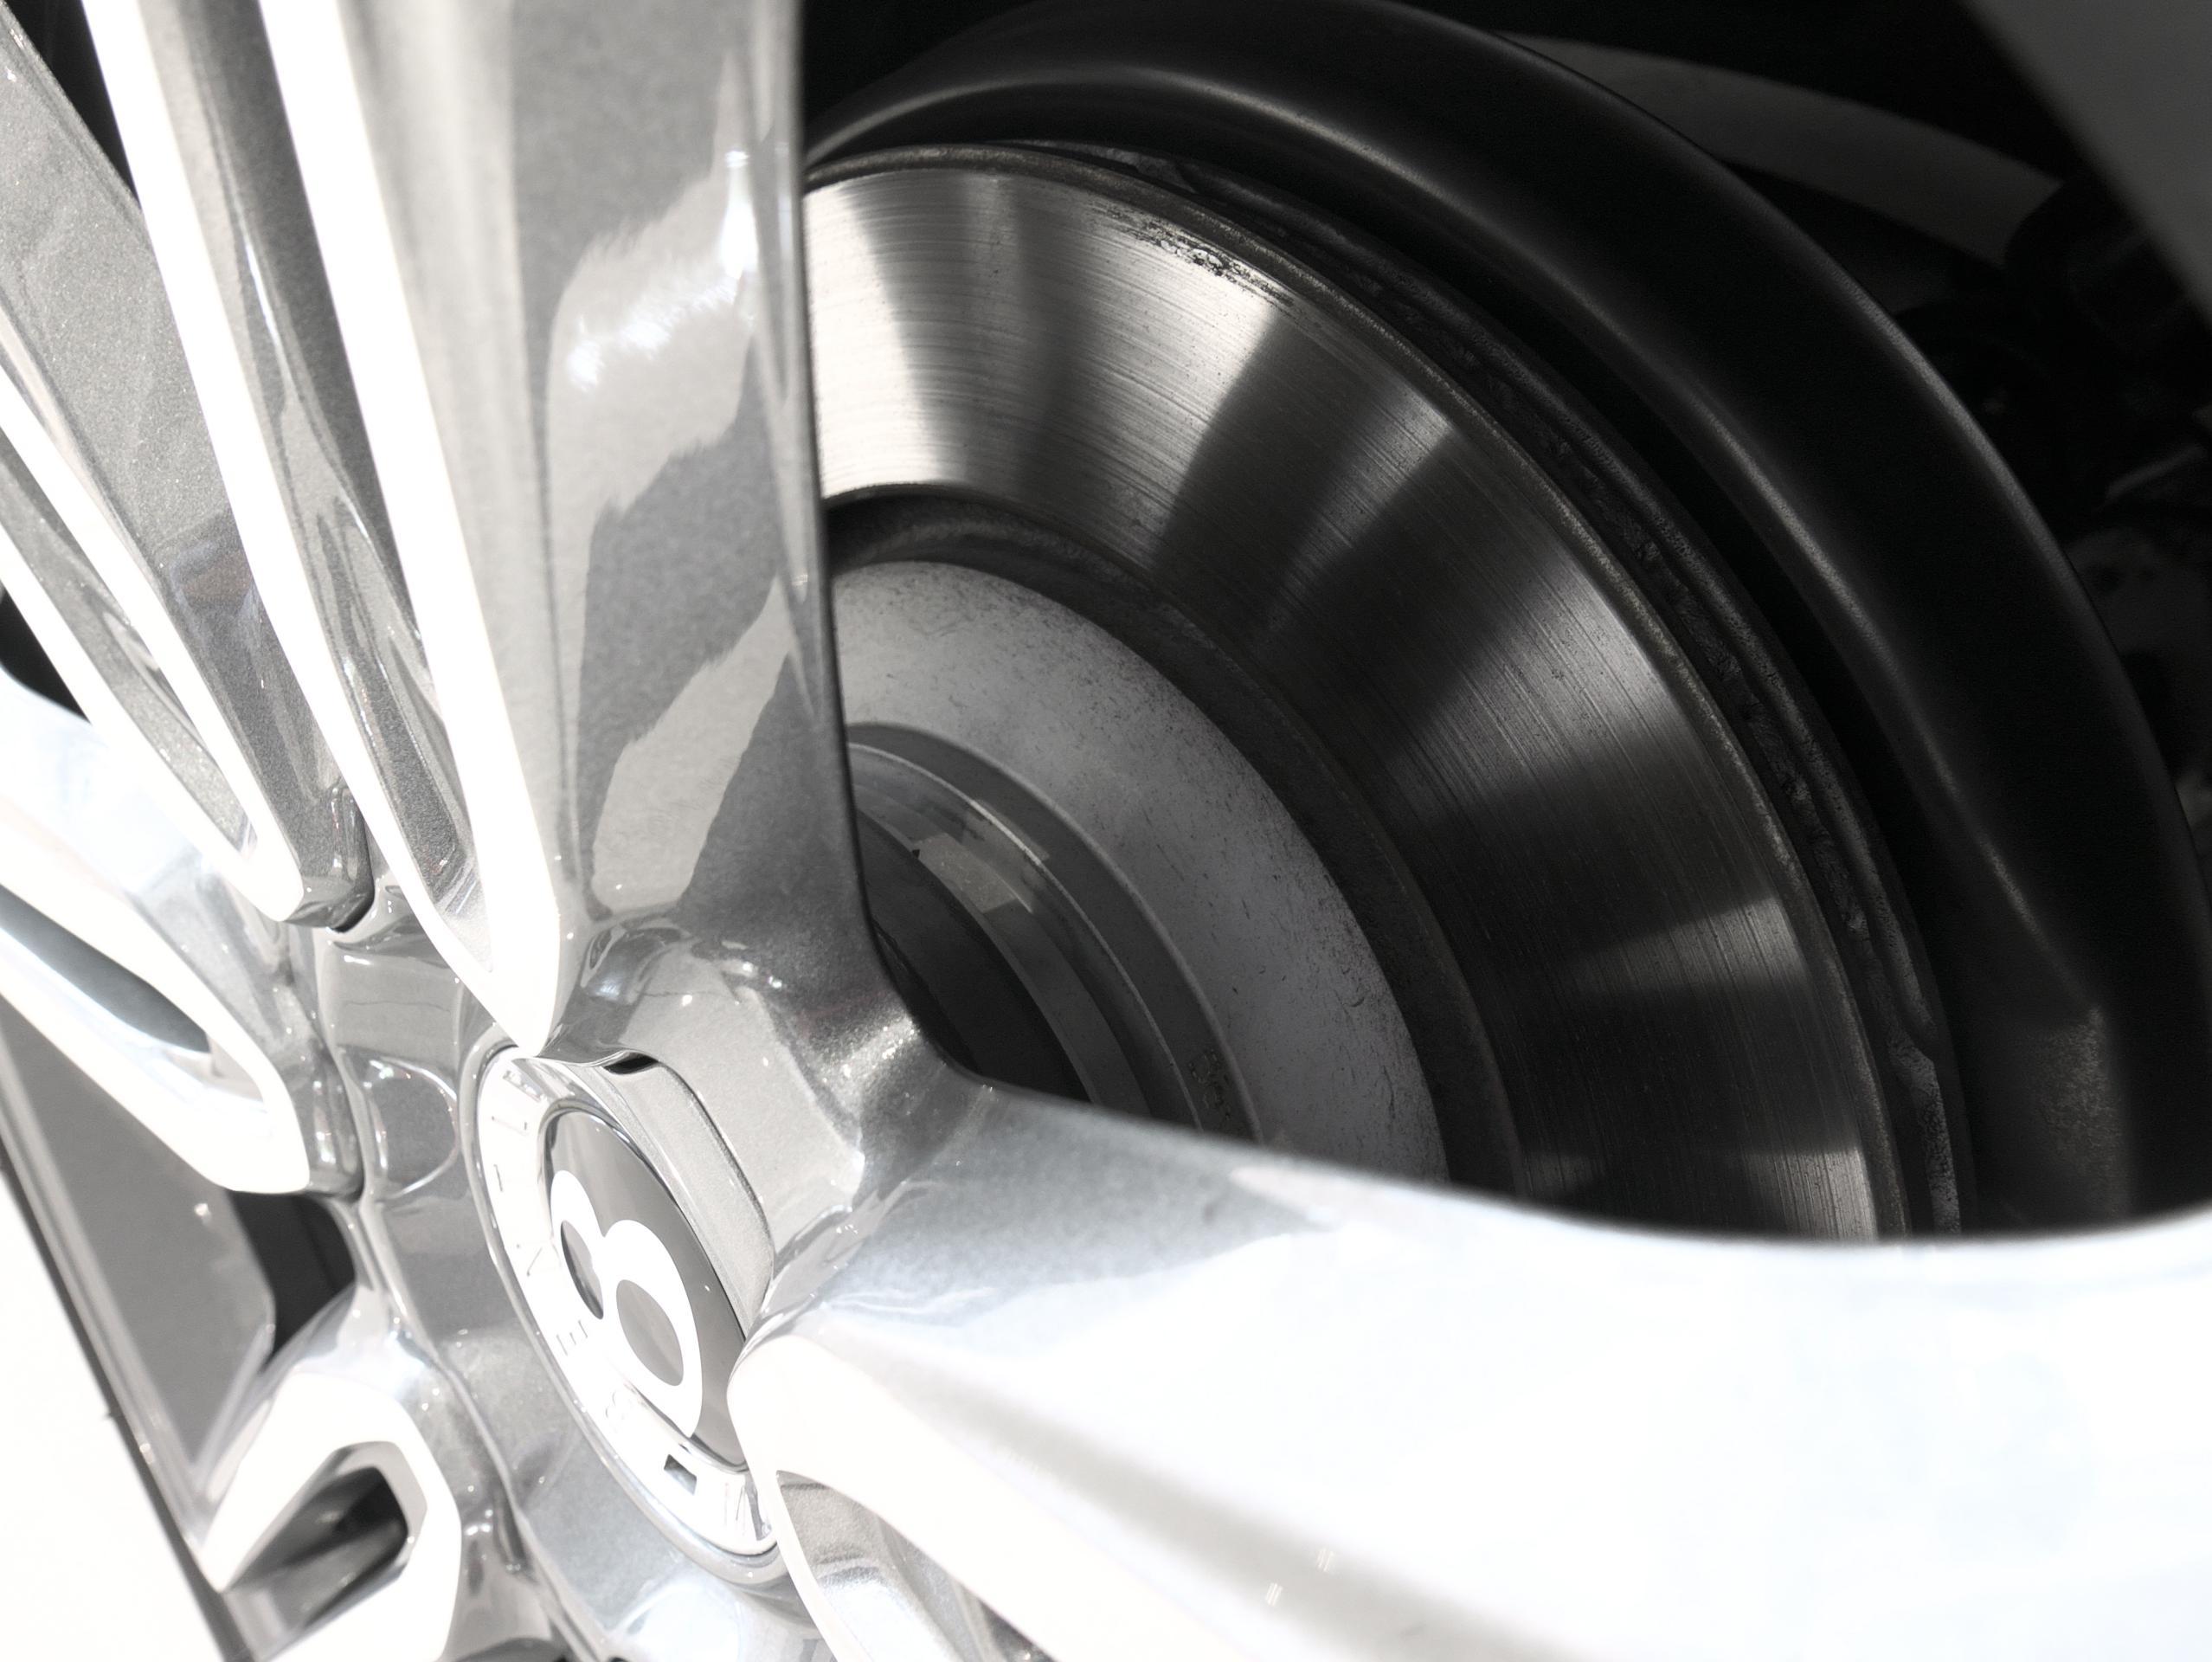 ベントレー フライングスパー W12 ホイールスペーサー